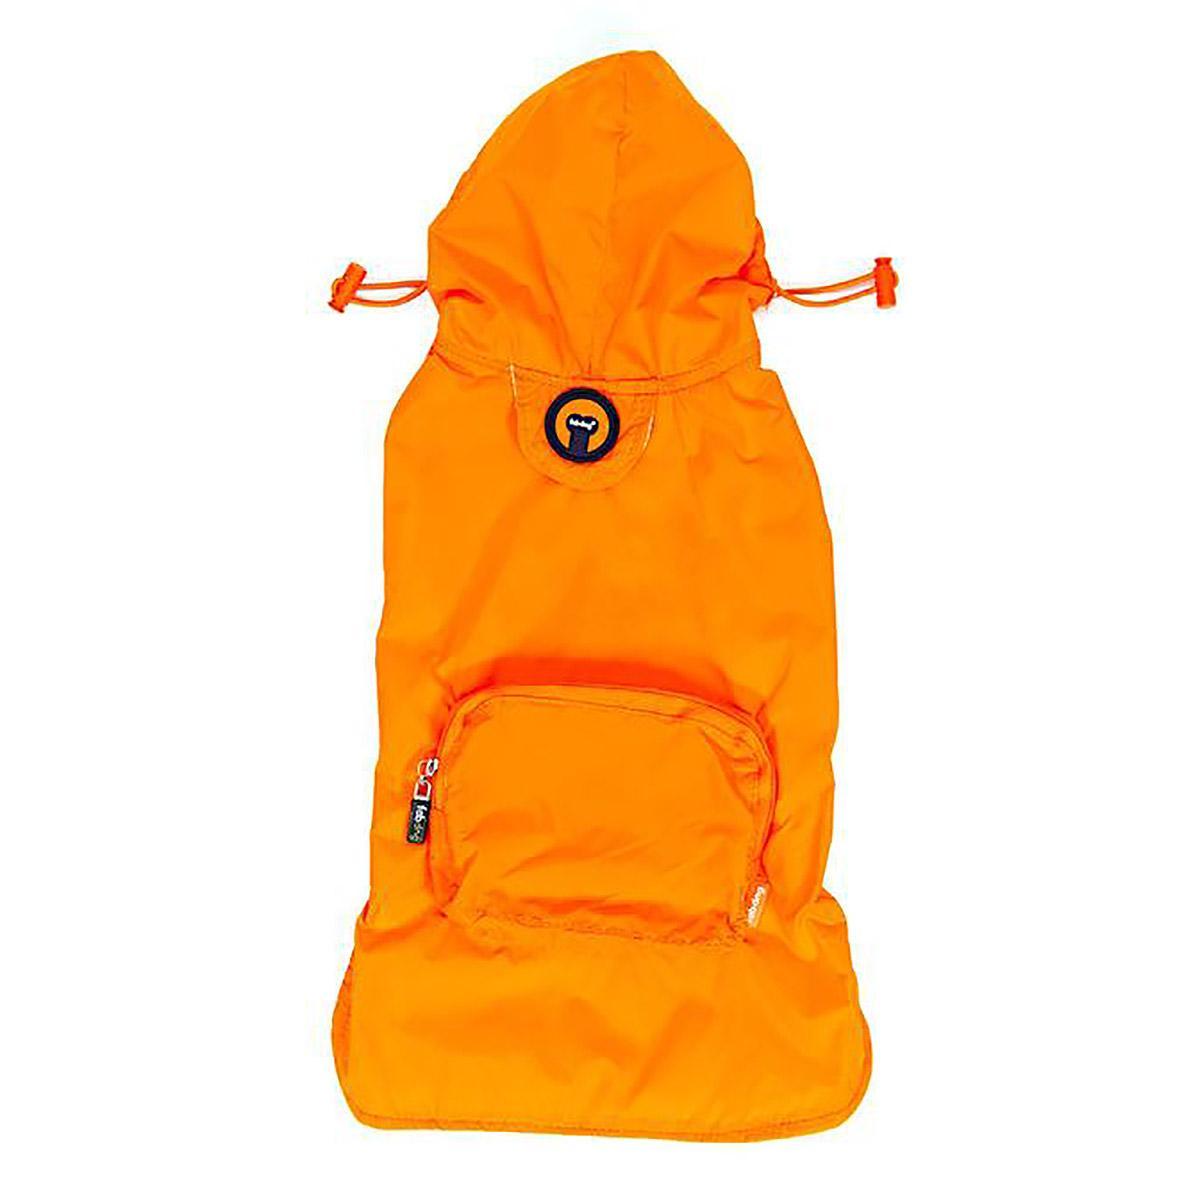 fabdog® Pocket Fold Up Dog Raincoat - Orange